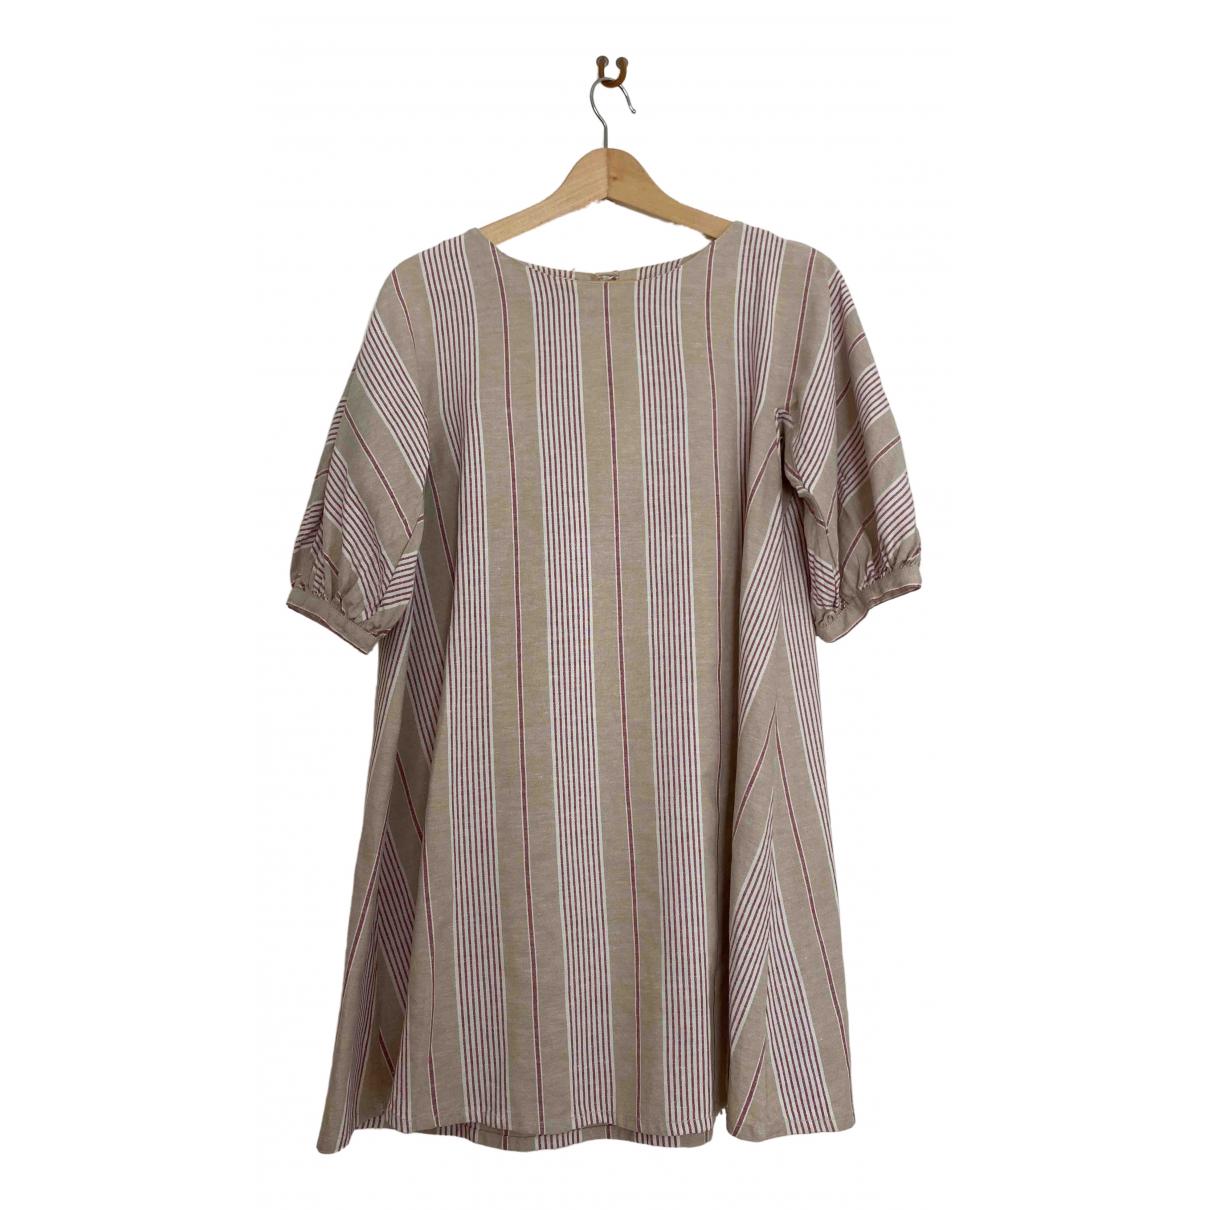 Prada \N Beige Cotton dress for Women 42 IT